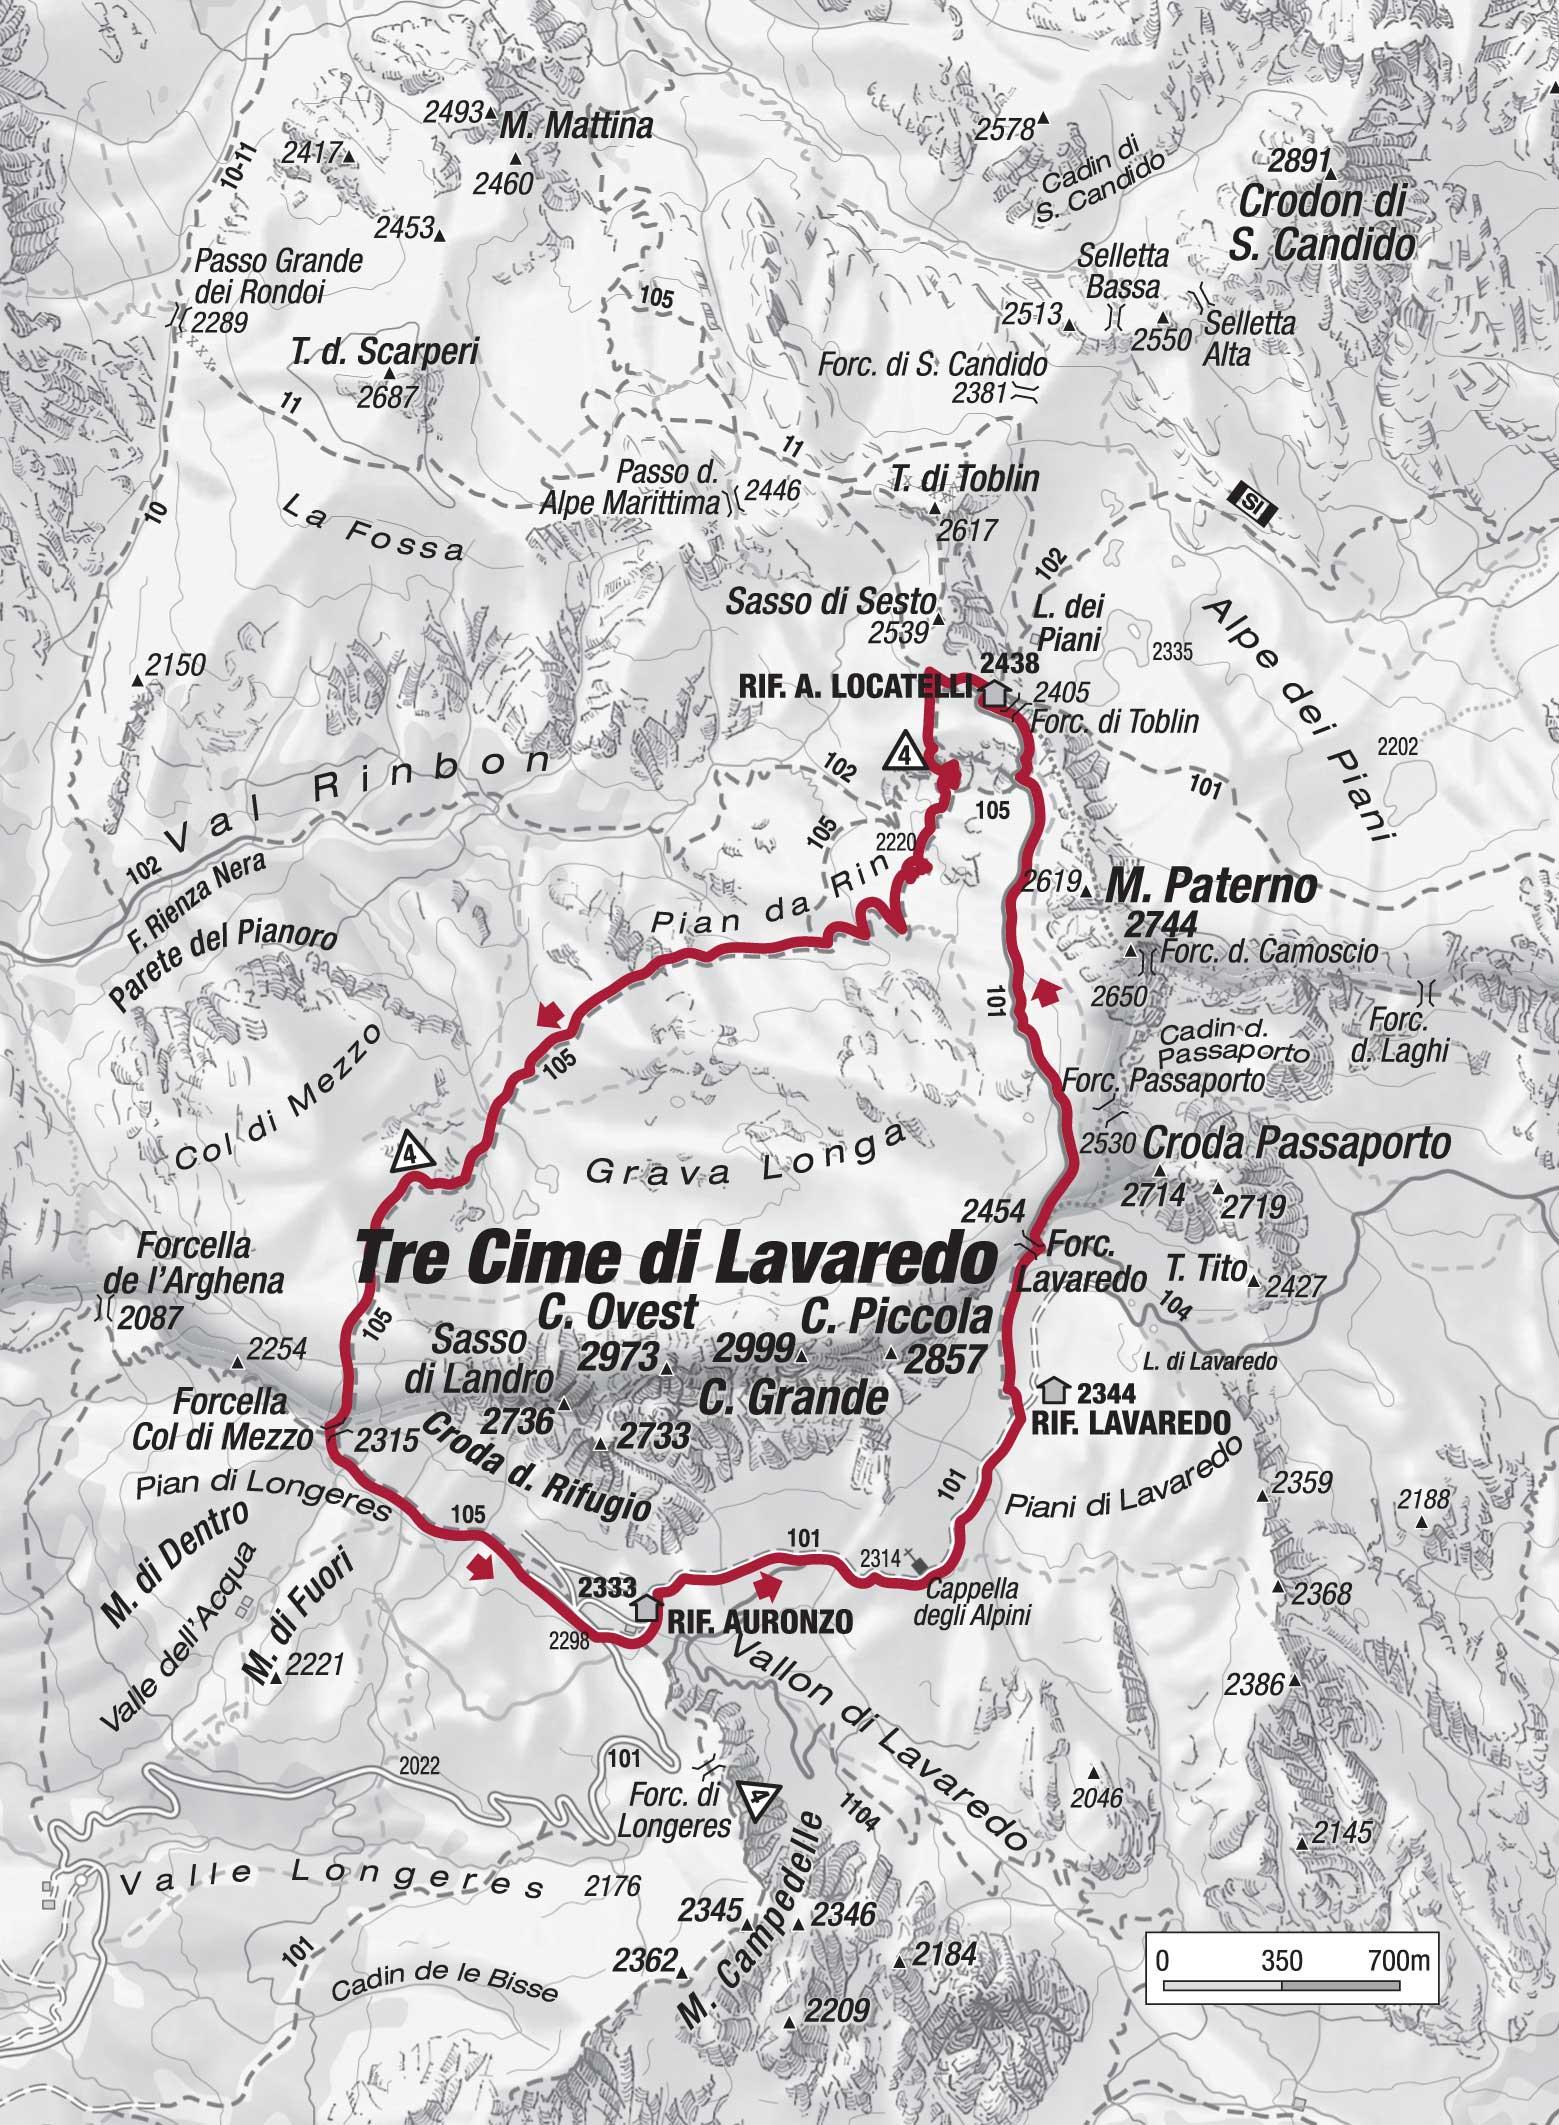 Cartina 3 Cime Di Lavaredo.Il Periplo Delle Tre Cime Itinerario Tre Cime Di Lavaredo Montagna Tv